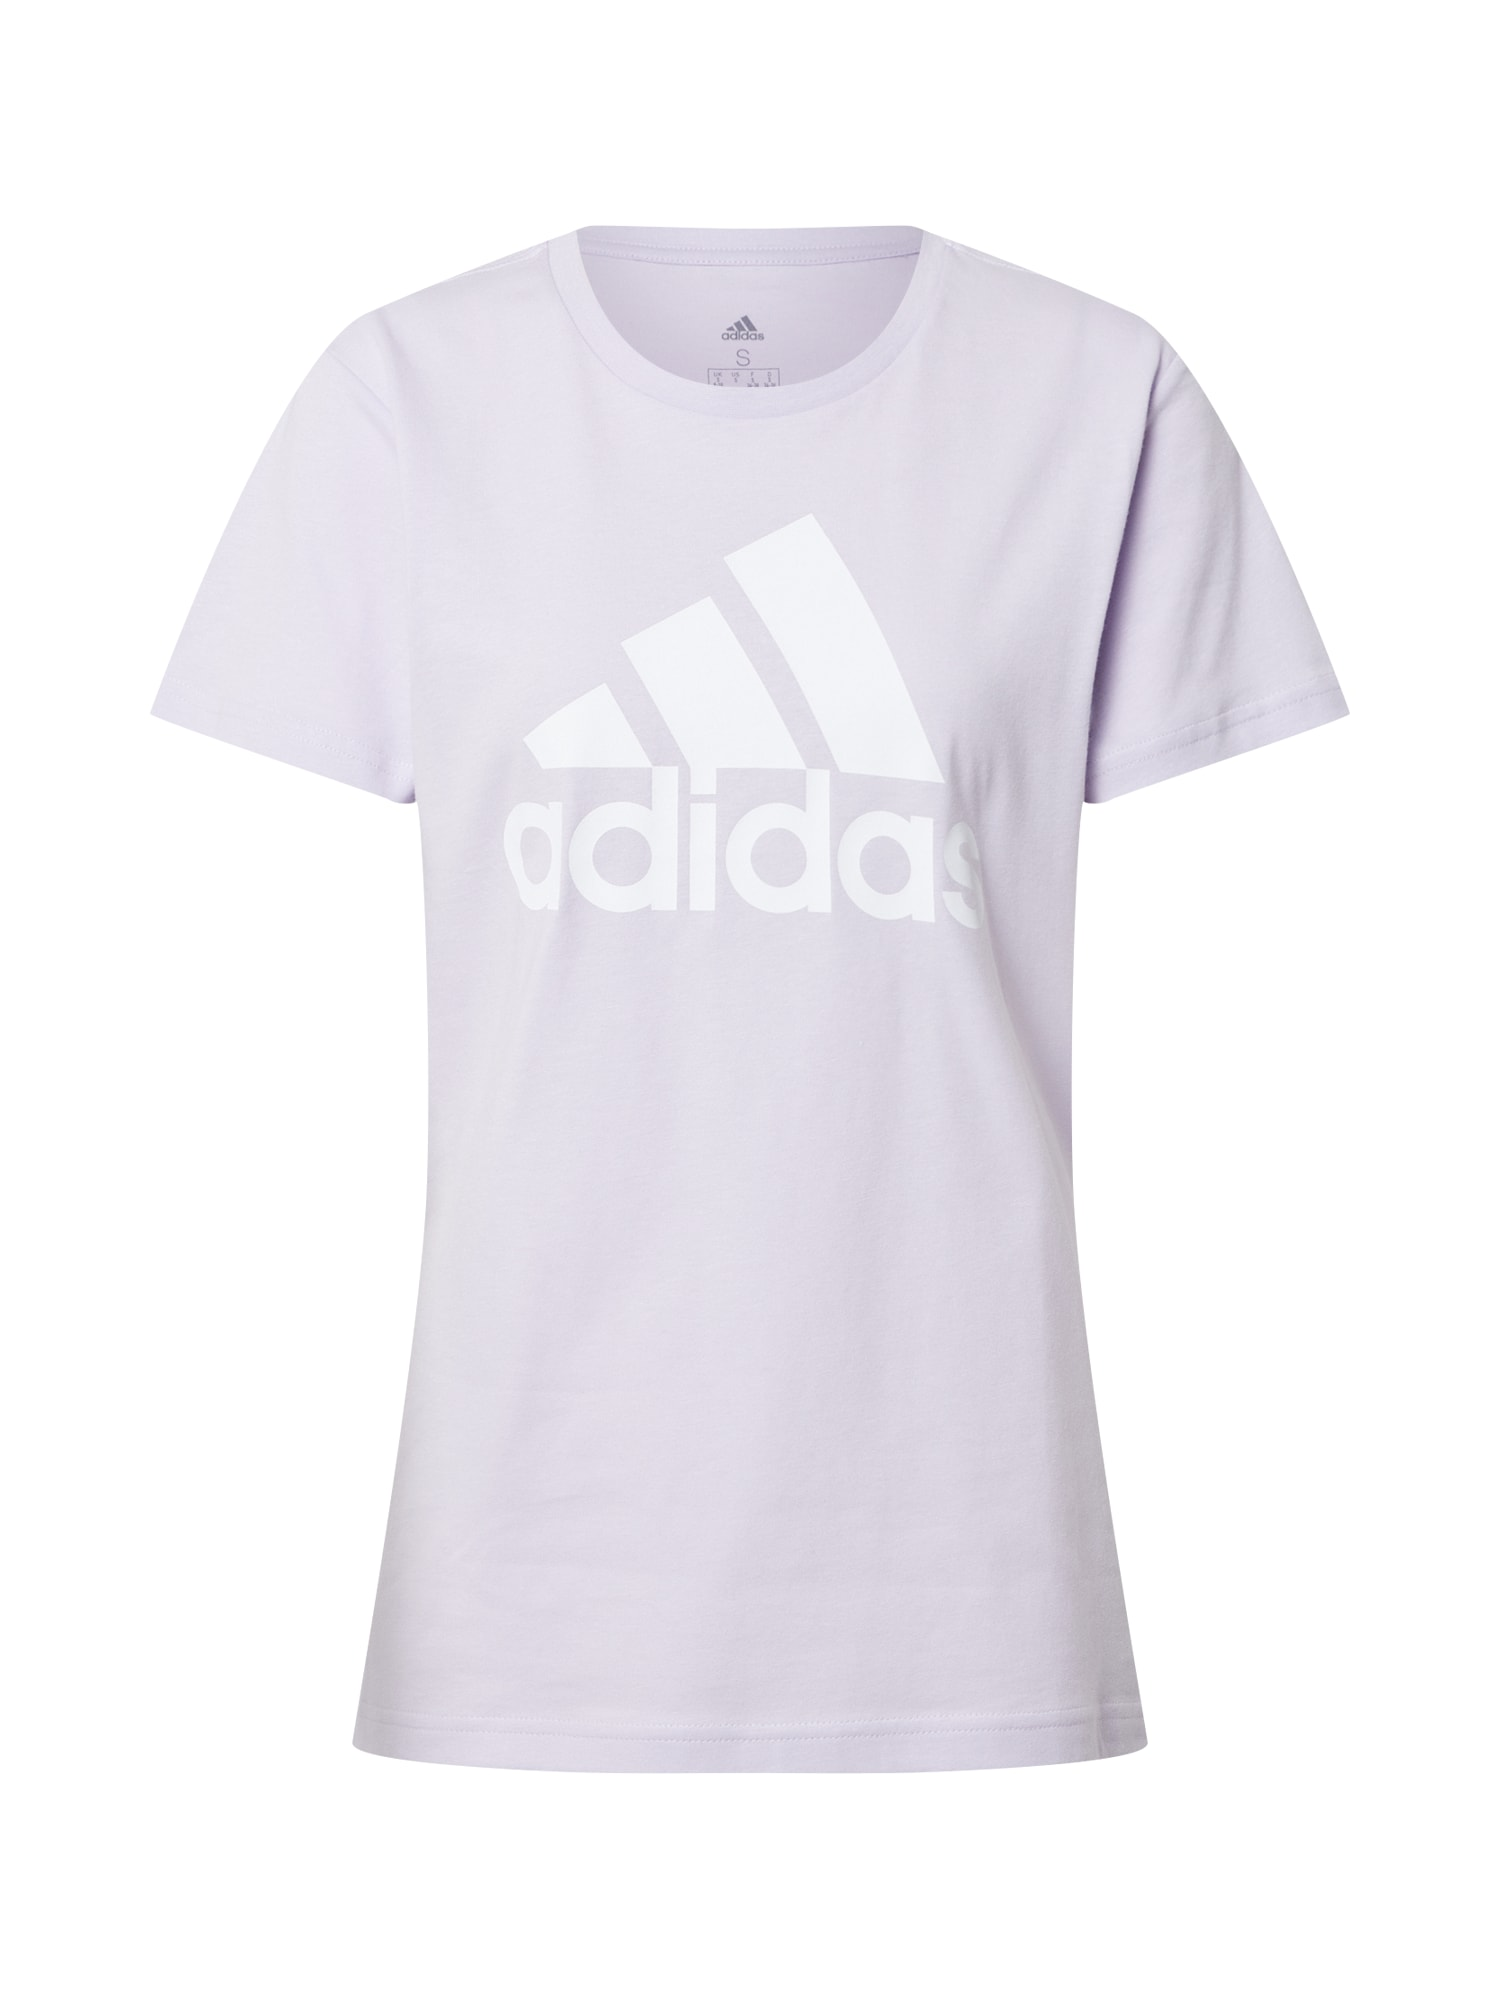 ADIDAS PERFORMANCE Sportiniai marškinėliai pastelinė violetinė / balta